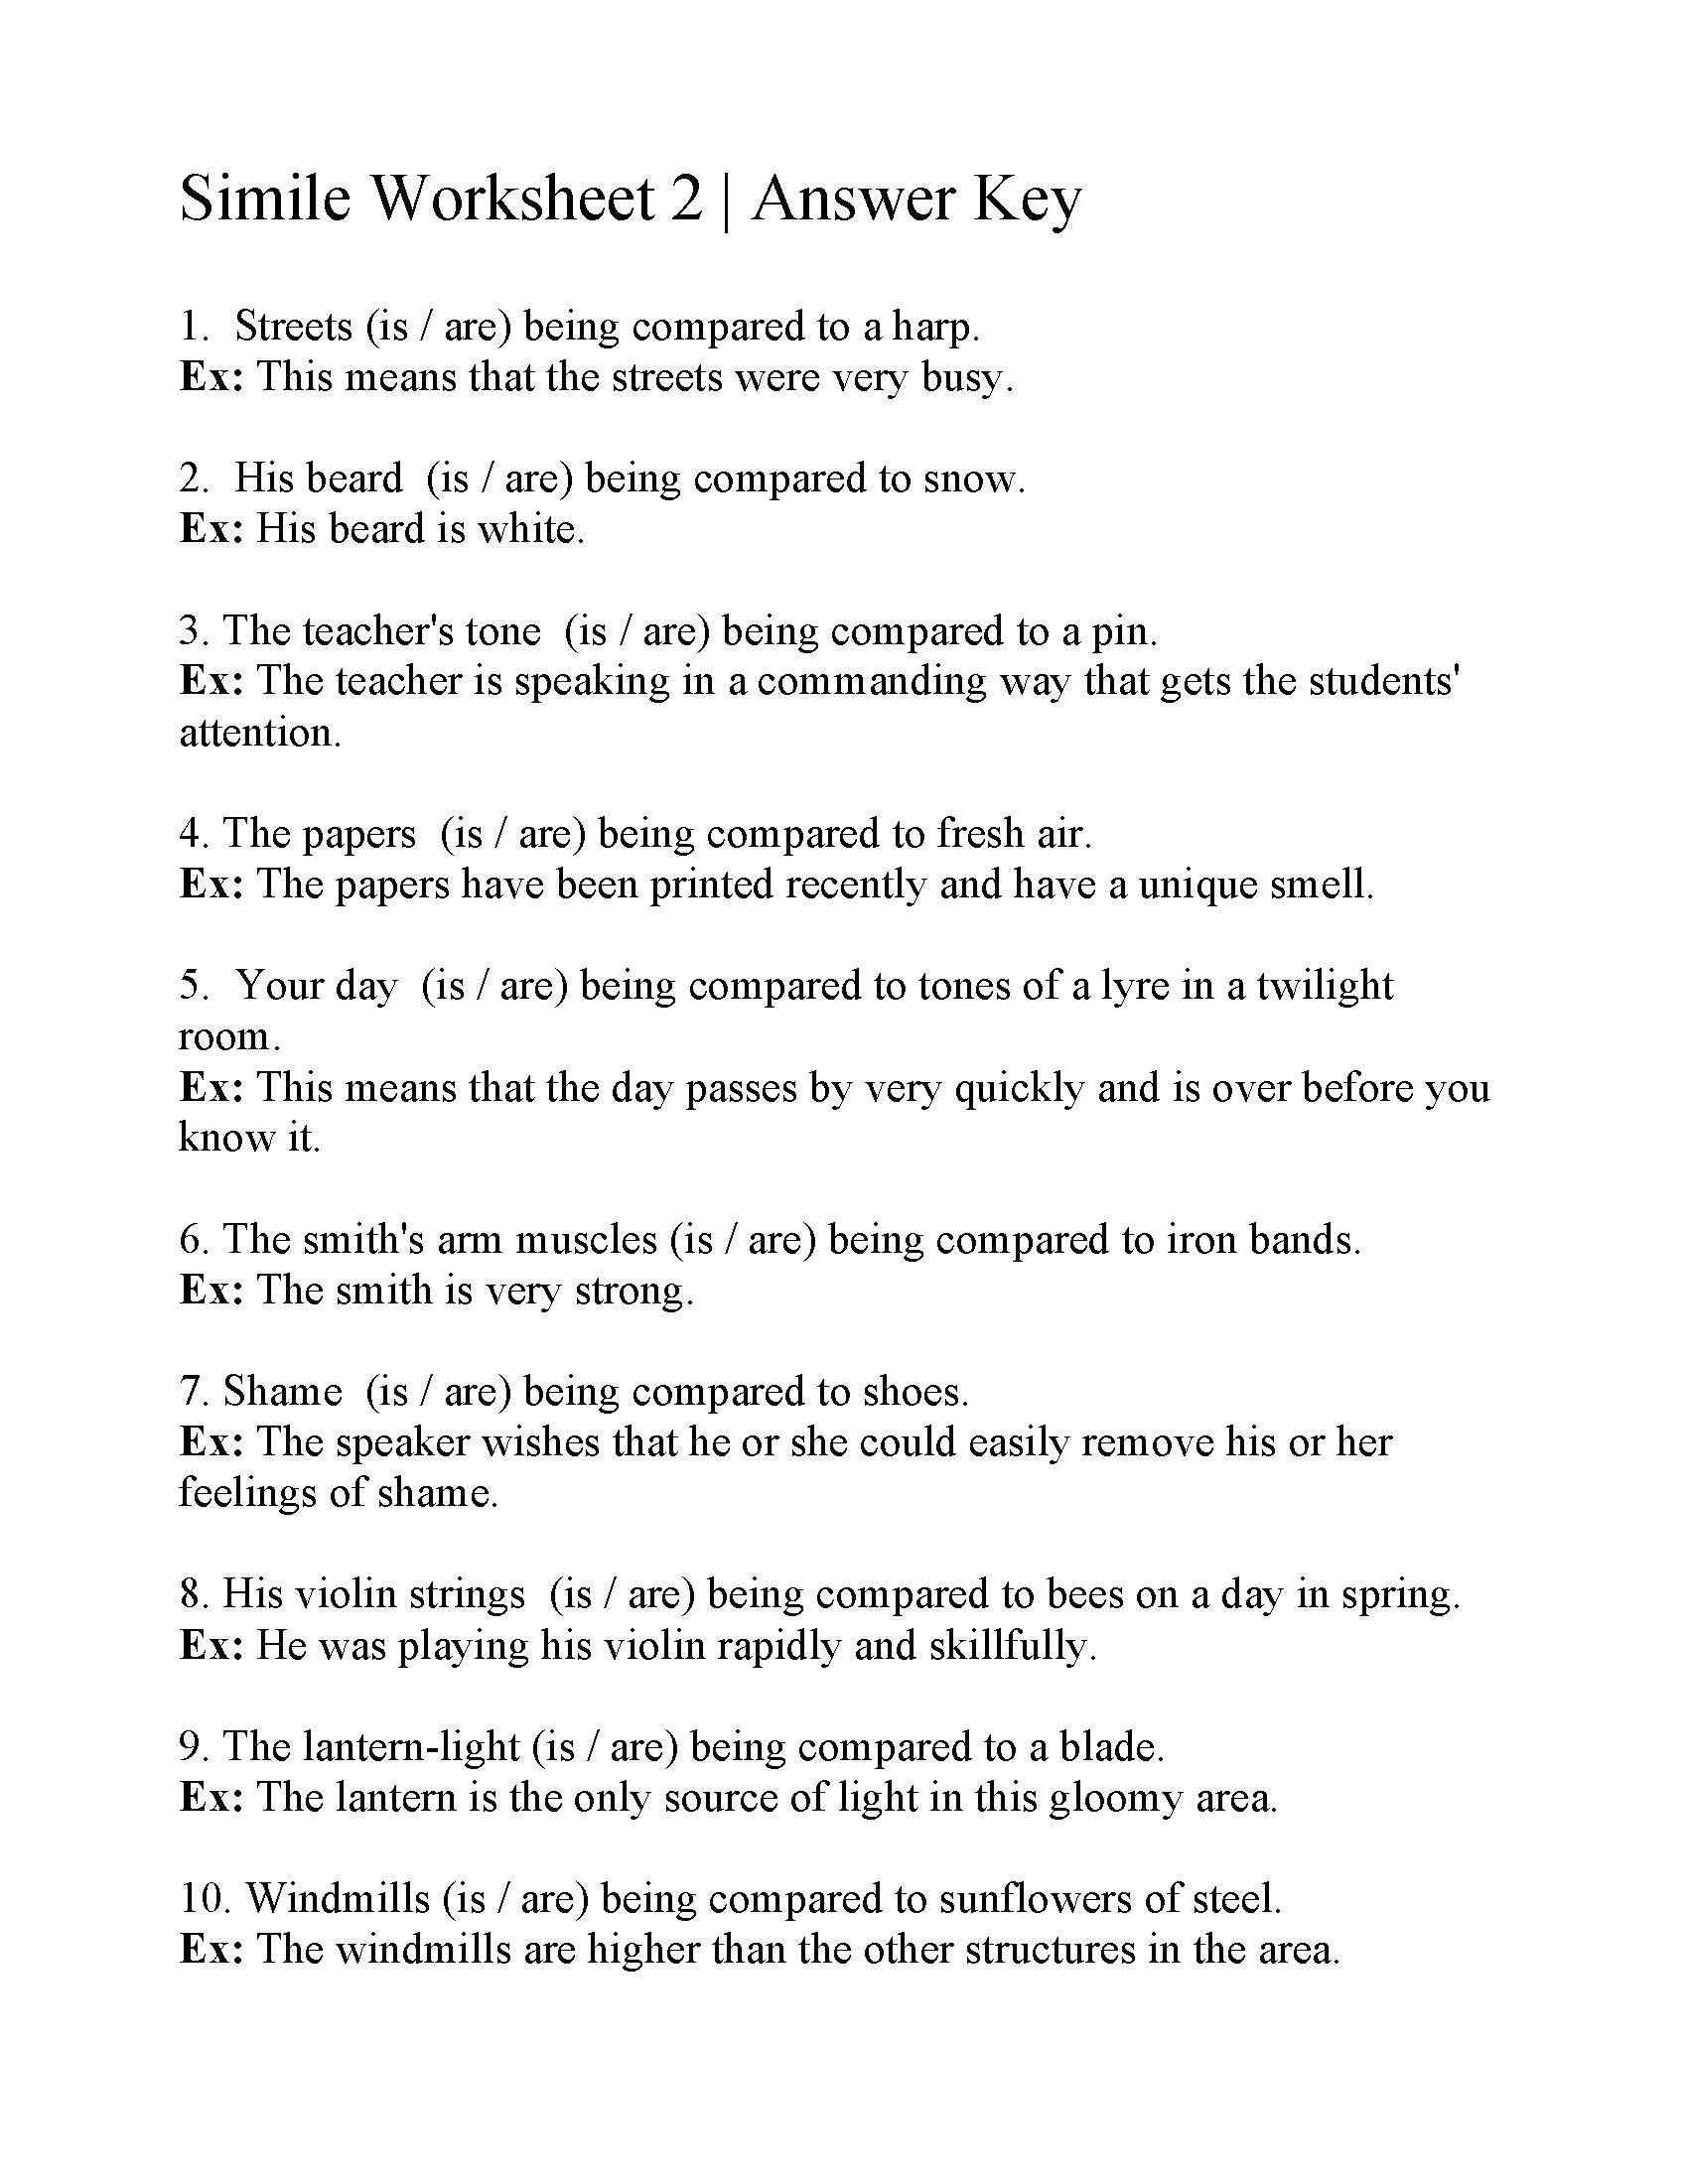 Simile Worksheet 2 | Answers